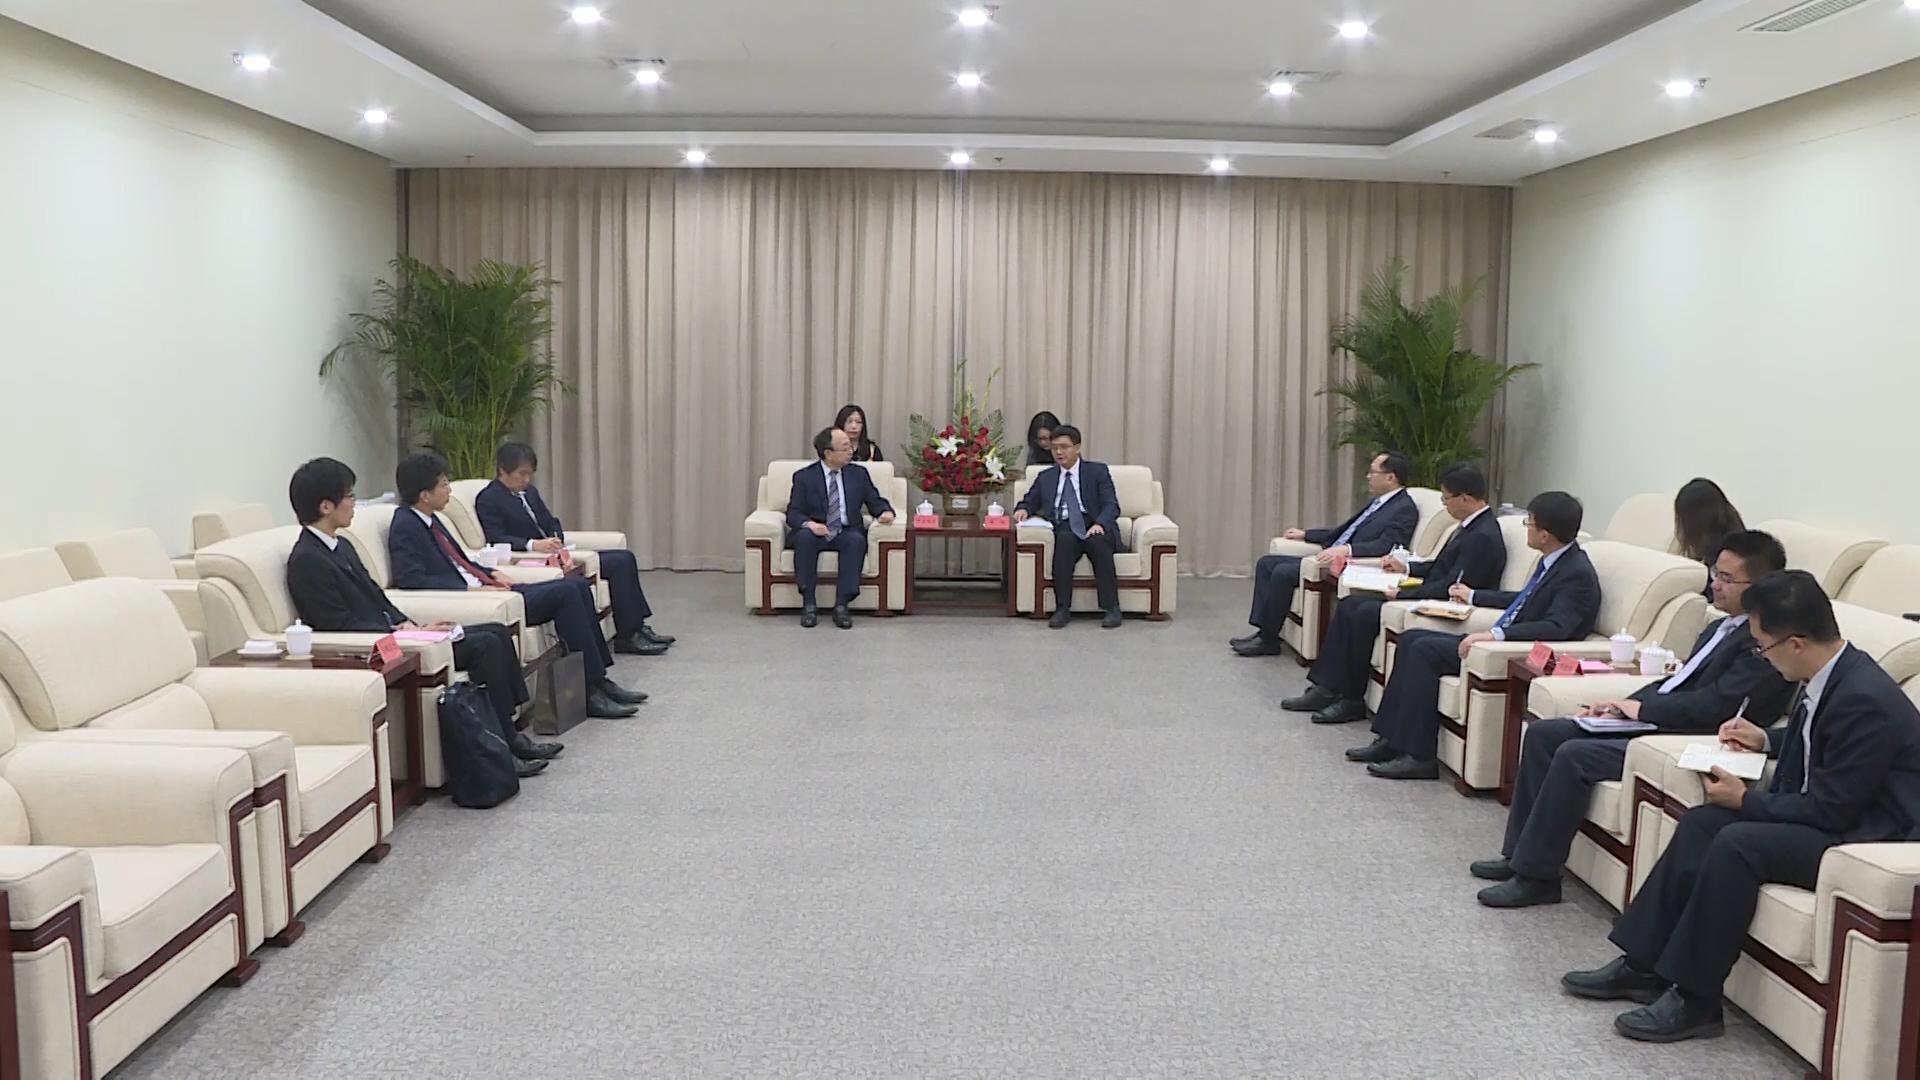 陈刚会见日本银行副行长雨宫正佳一行